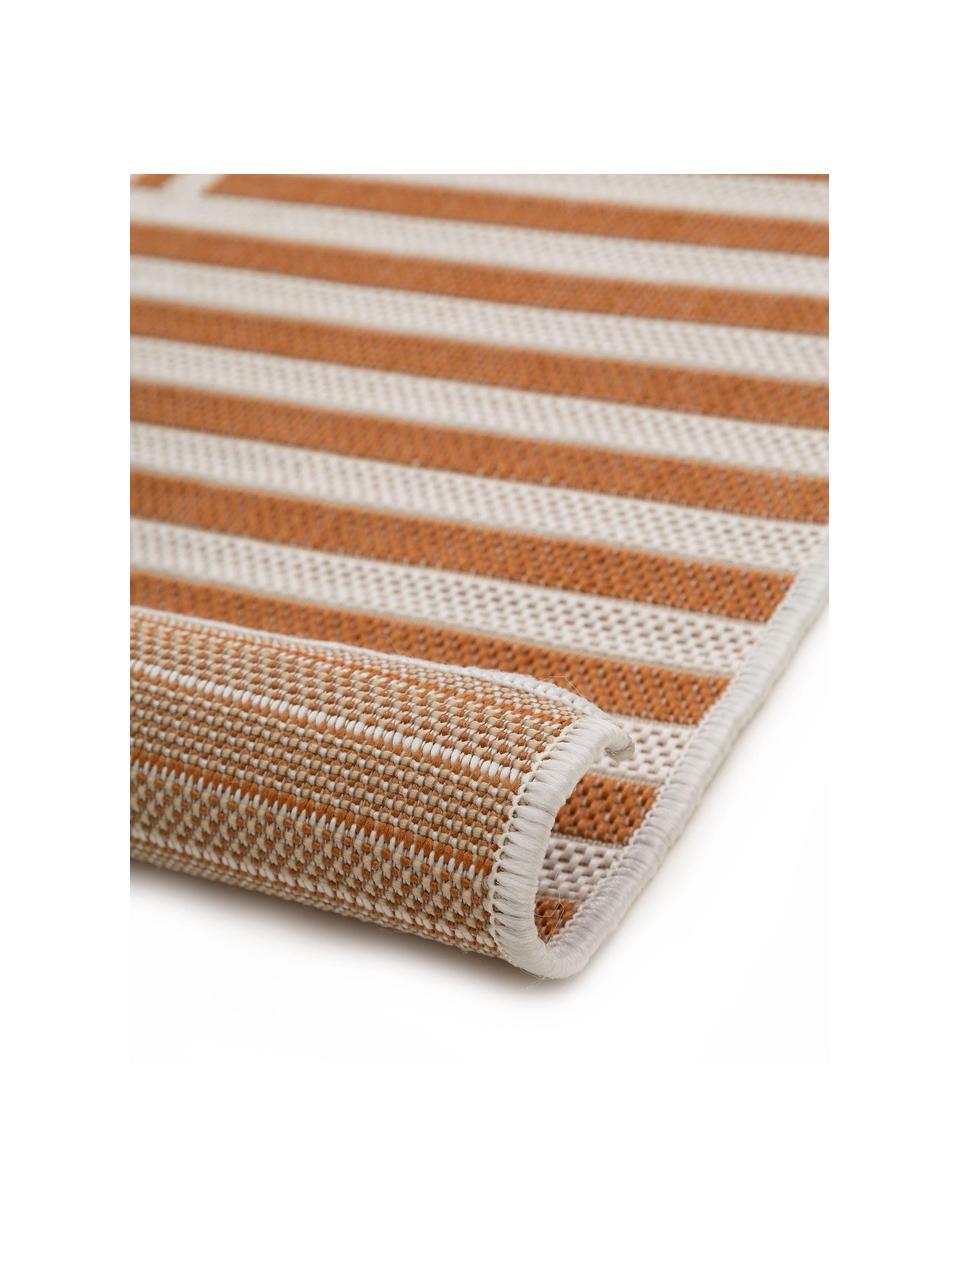 Gemusterter In- & Outdoor-Teppich Nillo, 100% Polyethylen, Orange, Creme, B 120 x L 170 cm (Größe S)